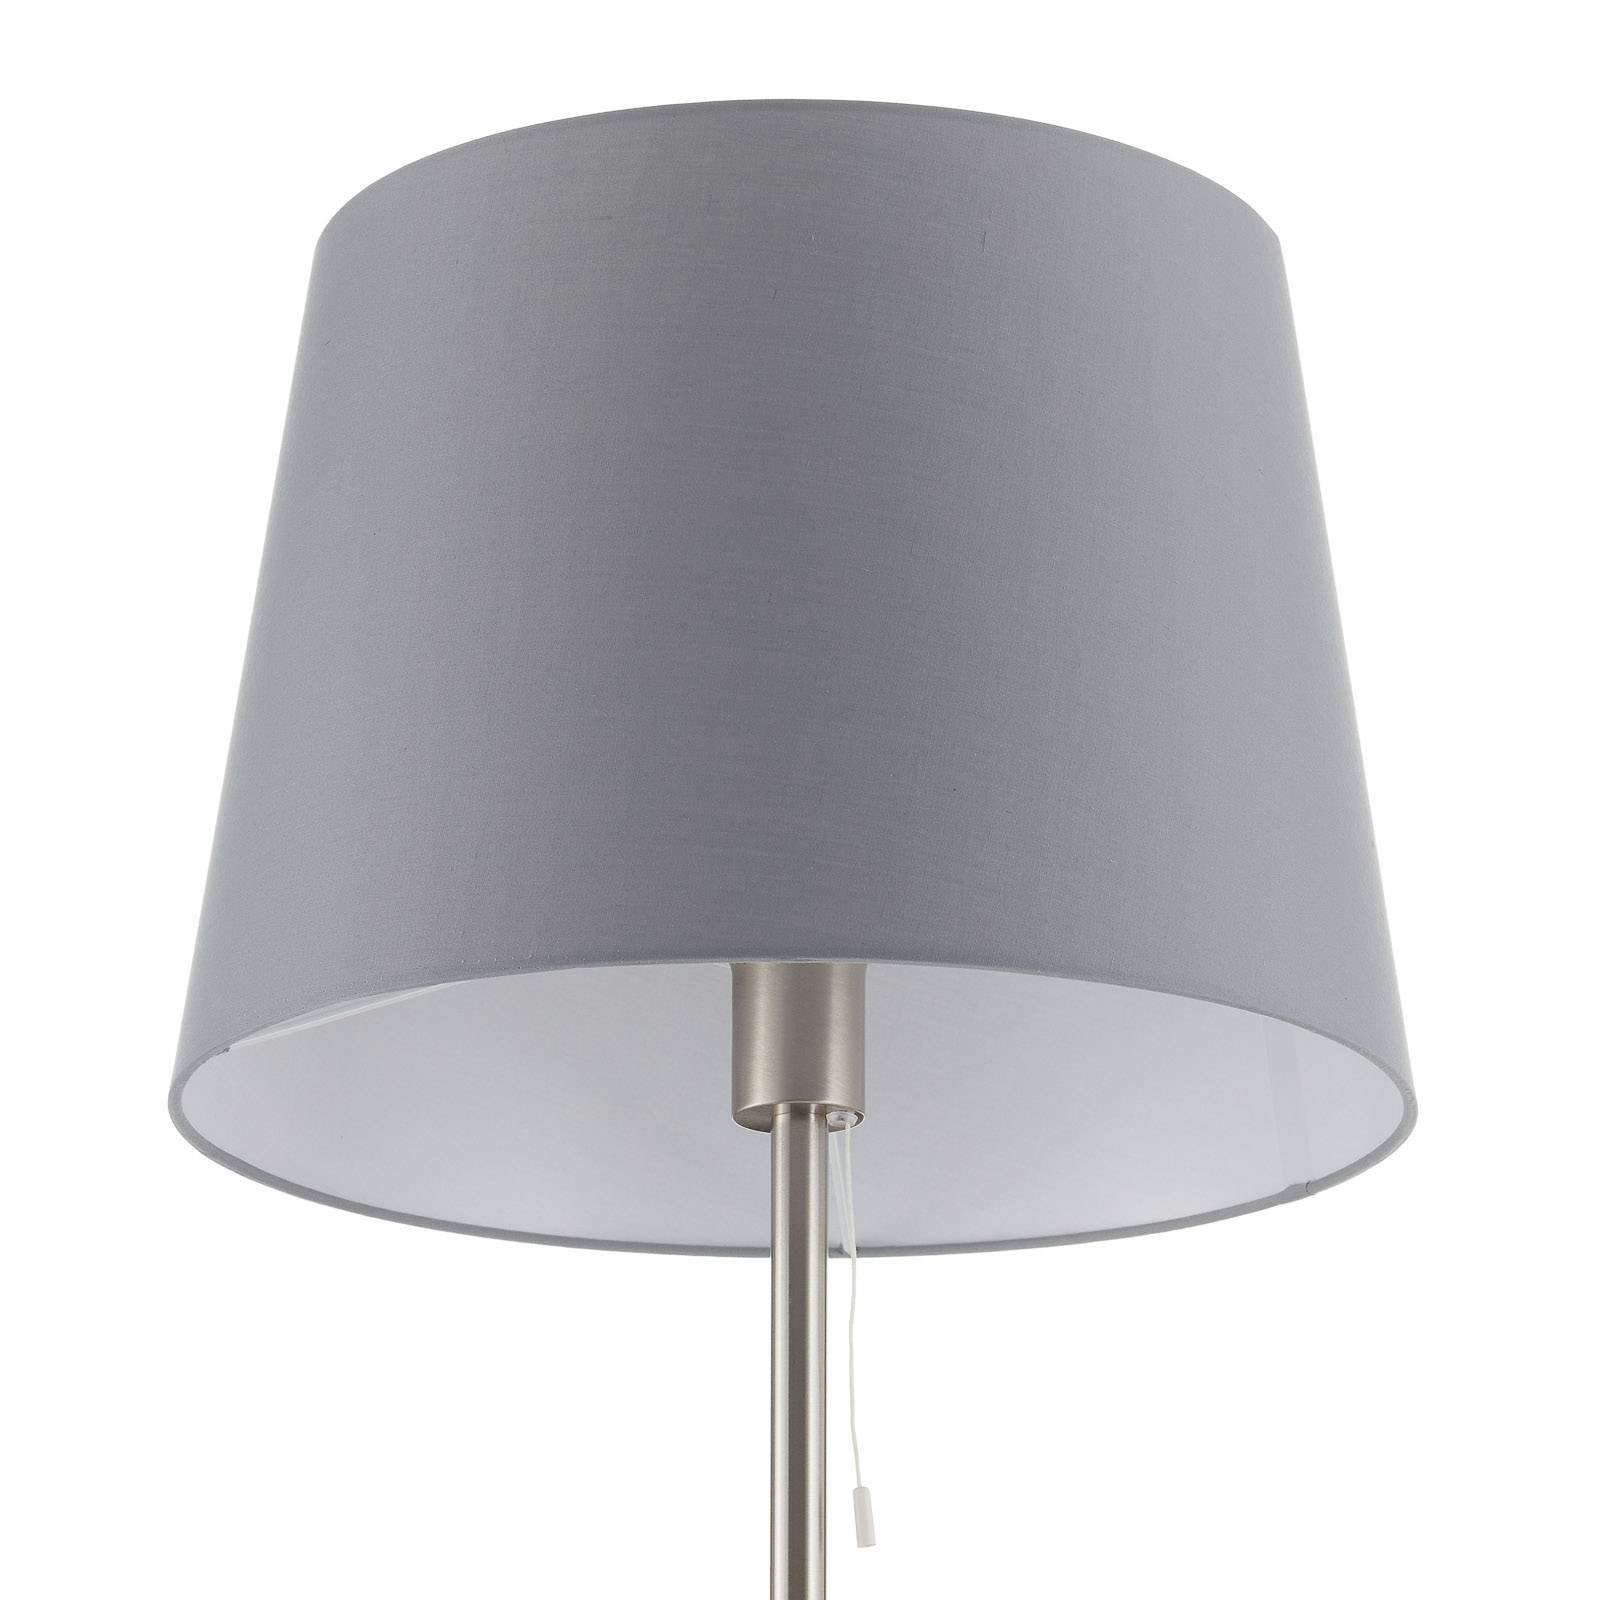 Tekstil-gulvlampe Layer med leselampe grå